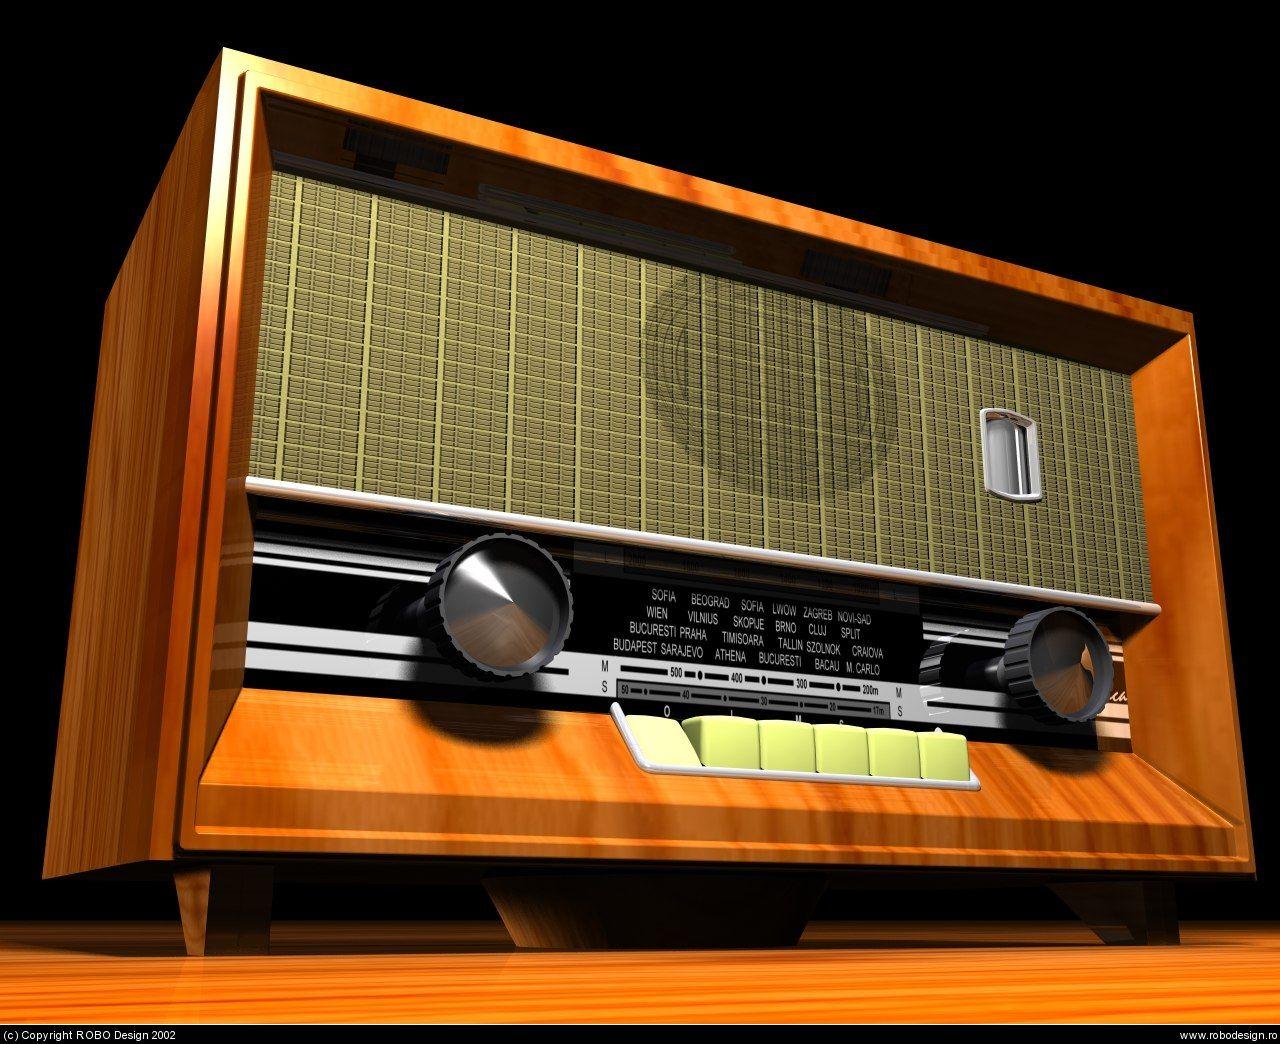 Antique Radio Ge Bakelite Radio Vintage Radio Model 200 Vacume Etsy Antique Radio Vintage Radio Radio